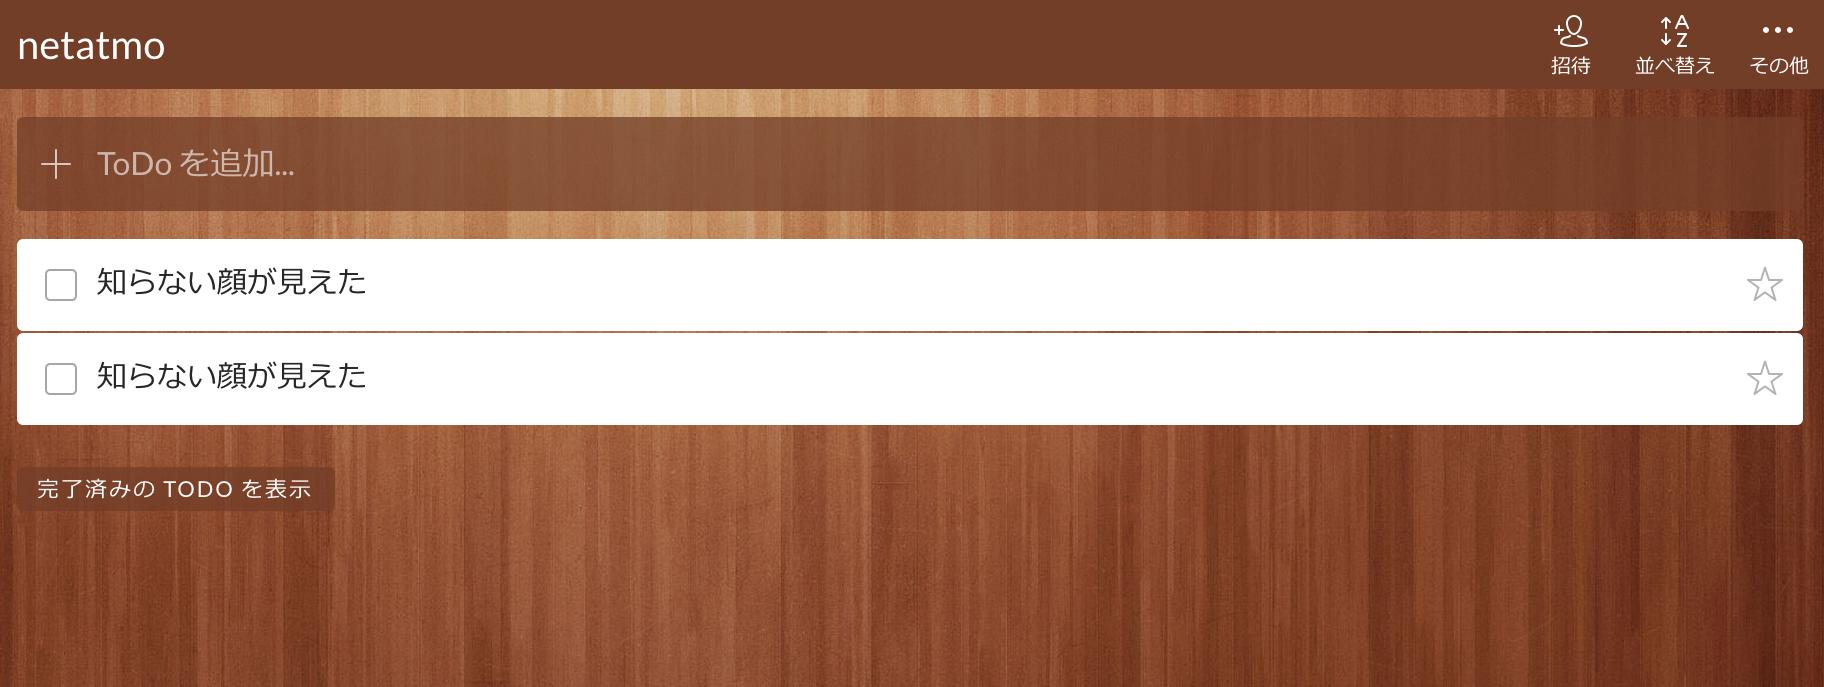 スクリーンショット 2015-12-02 0.03.10.png